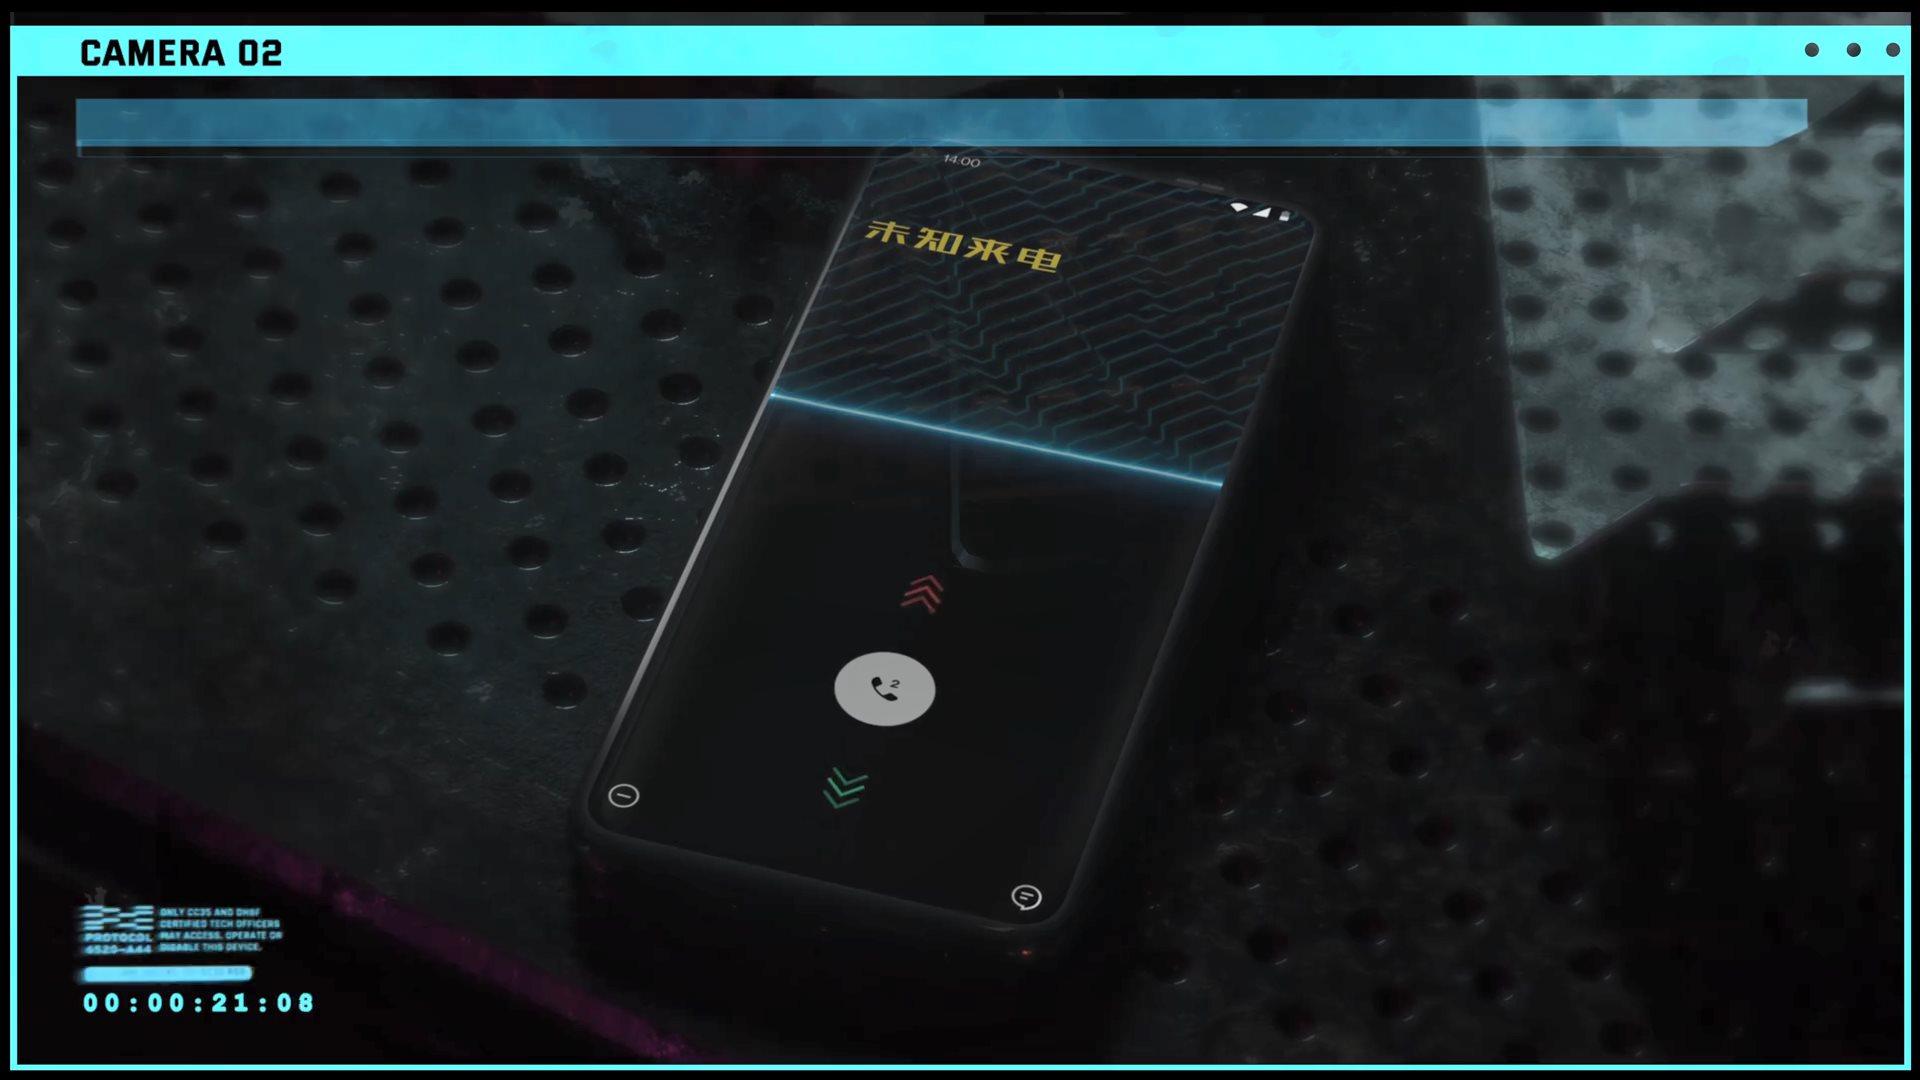 一加8T《赛博朋克2077》限定版手机 11月4日预售